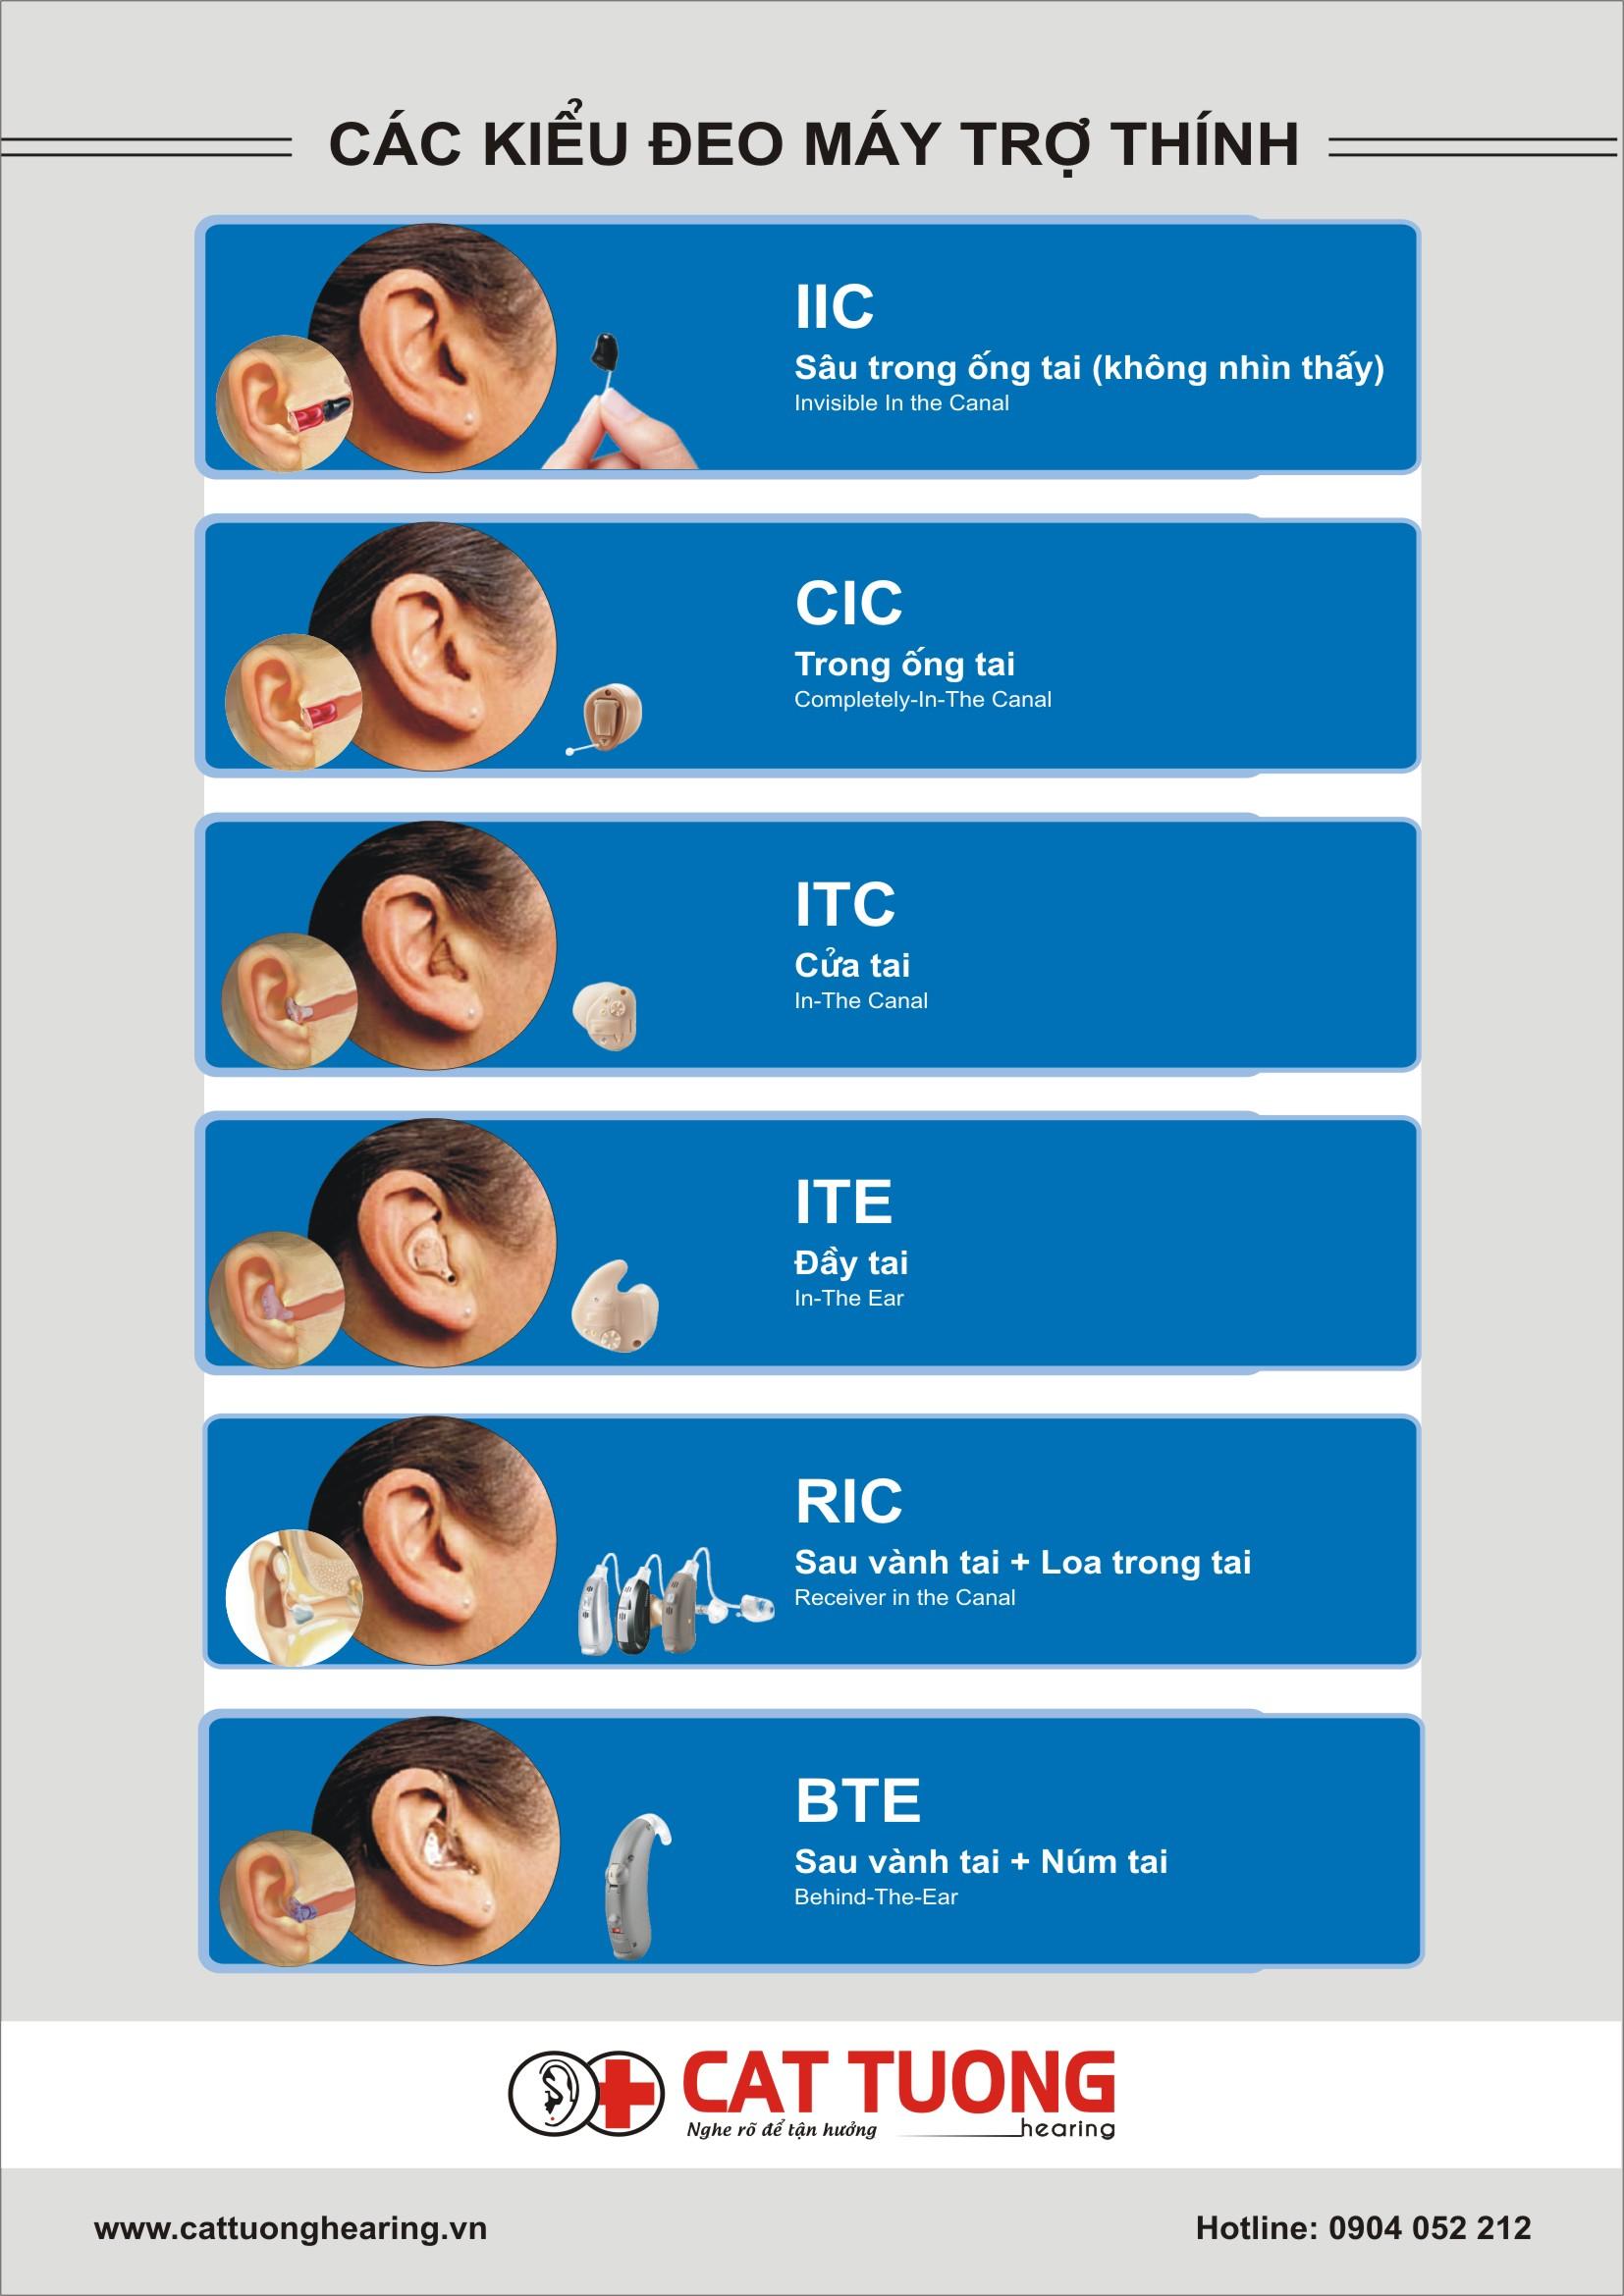 Các kiểu đeo máy trợ thính dành cho người dùng lựa chọn.